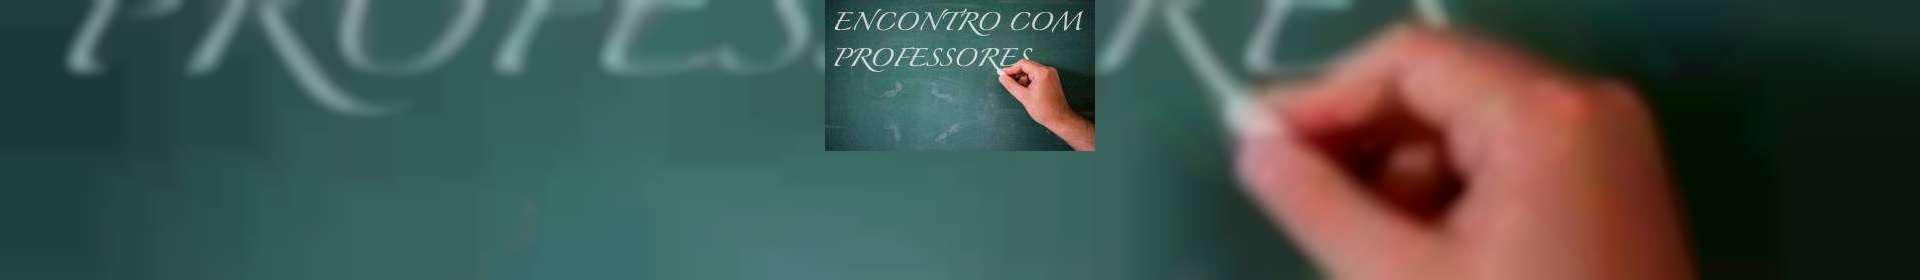 A Páscoa - Encontro com Professores